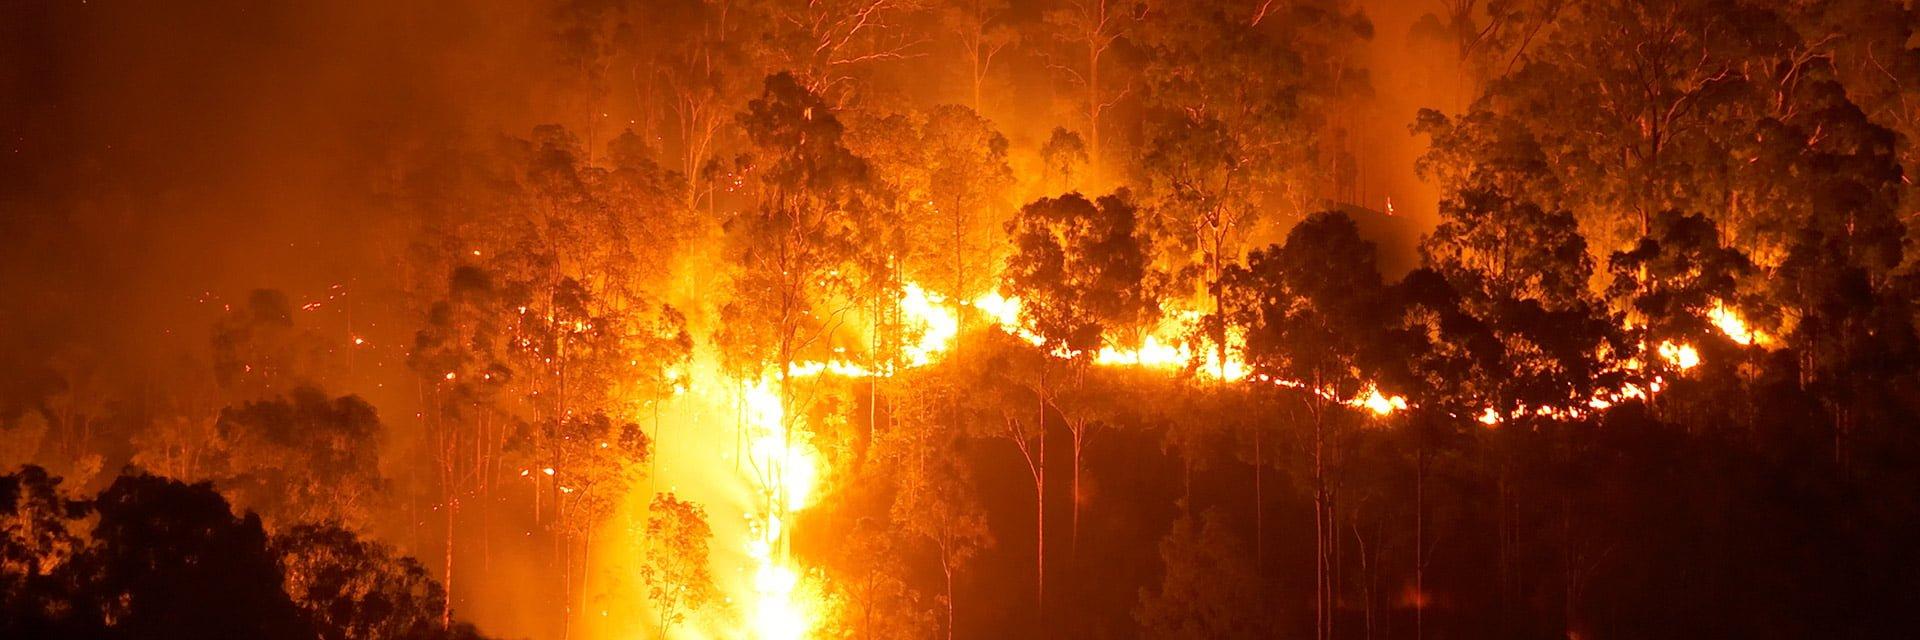 Australian bushfire in 2020